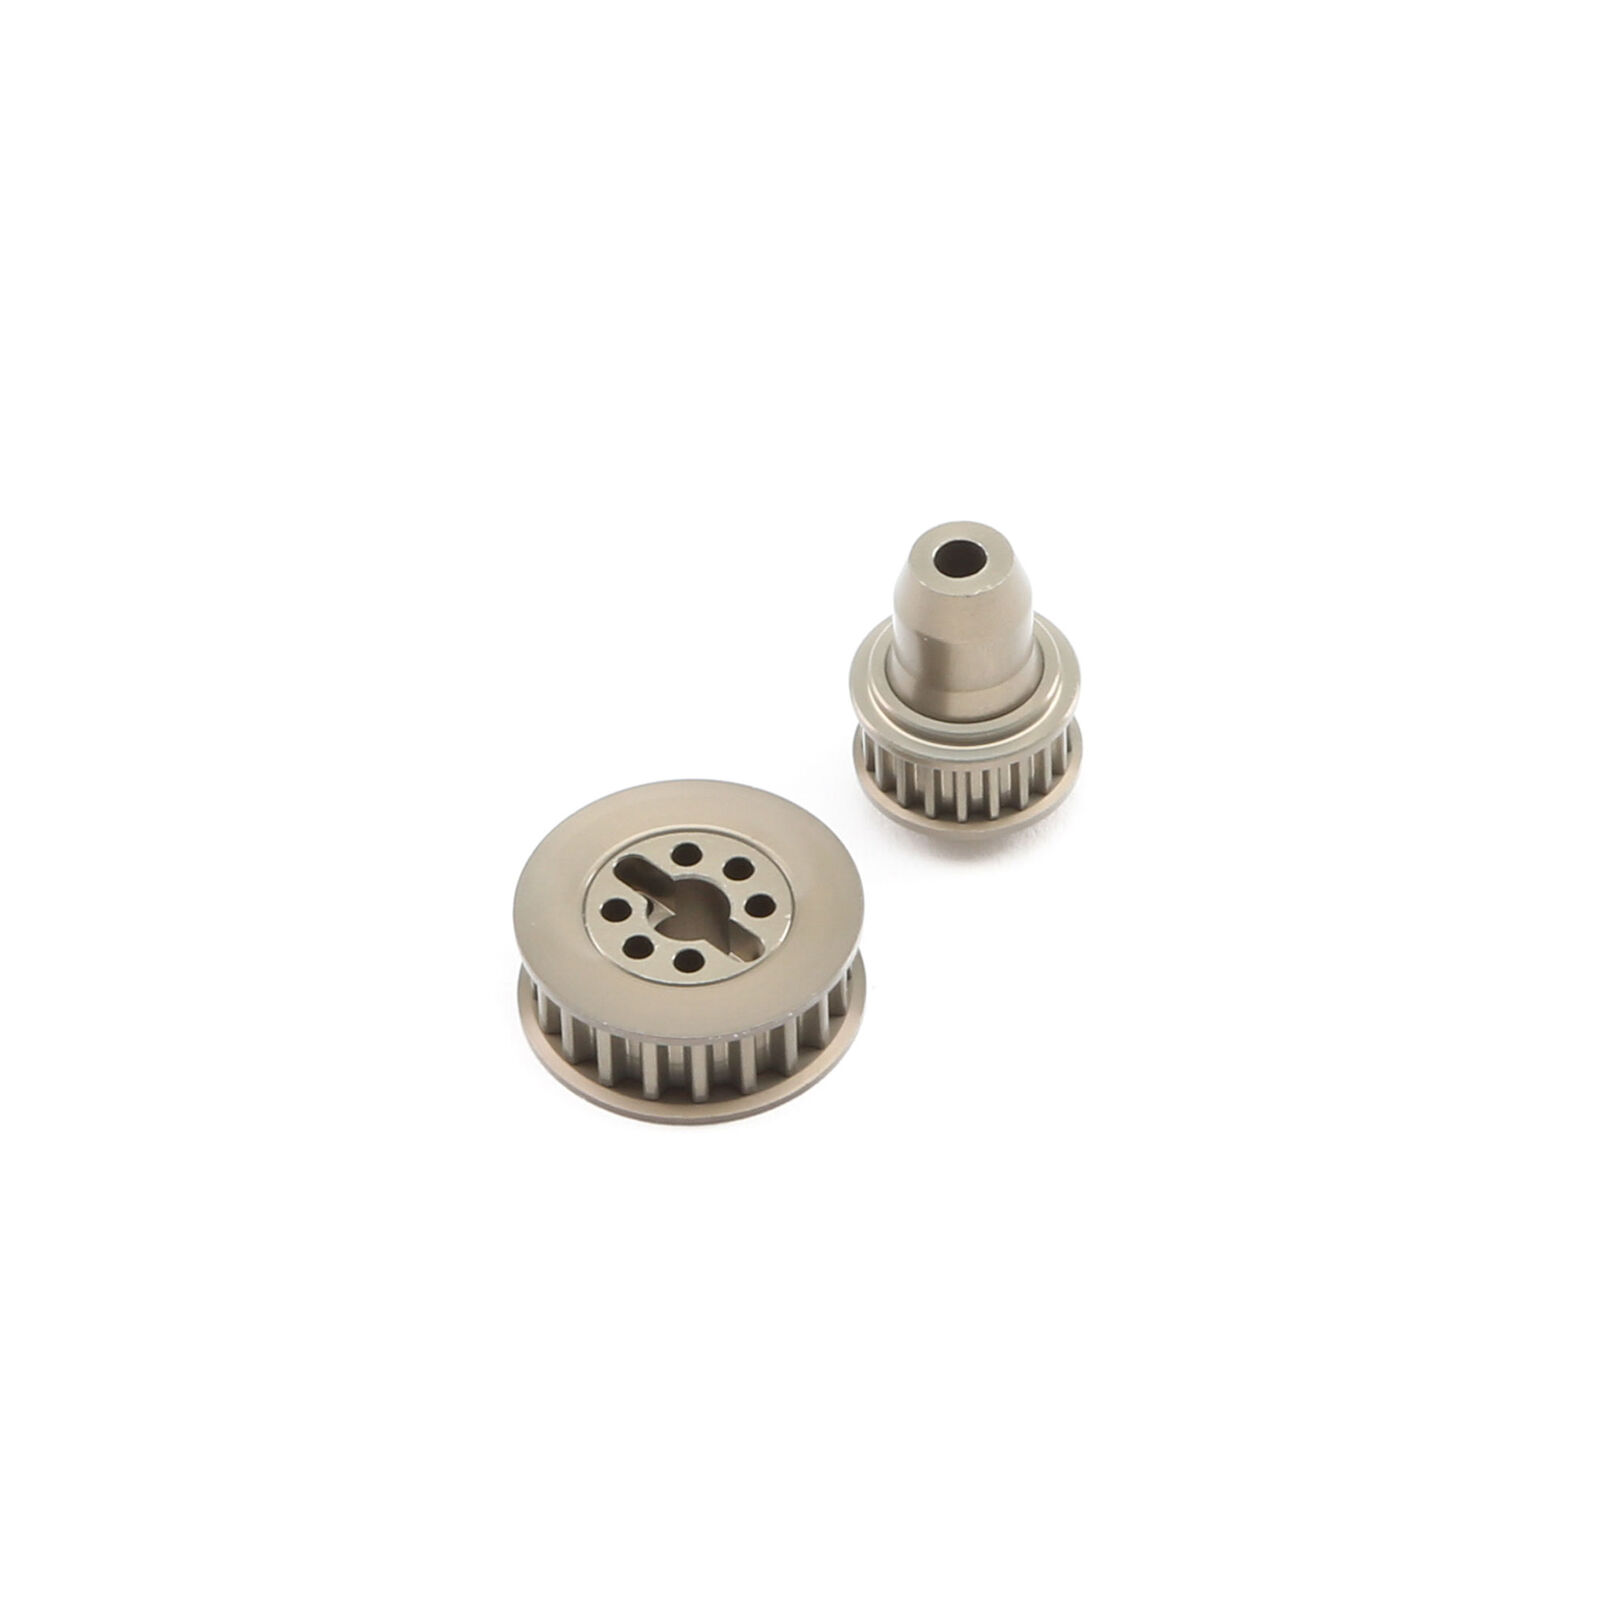 Aluminum Pulley Set: 22-4 2.0